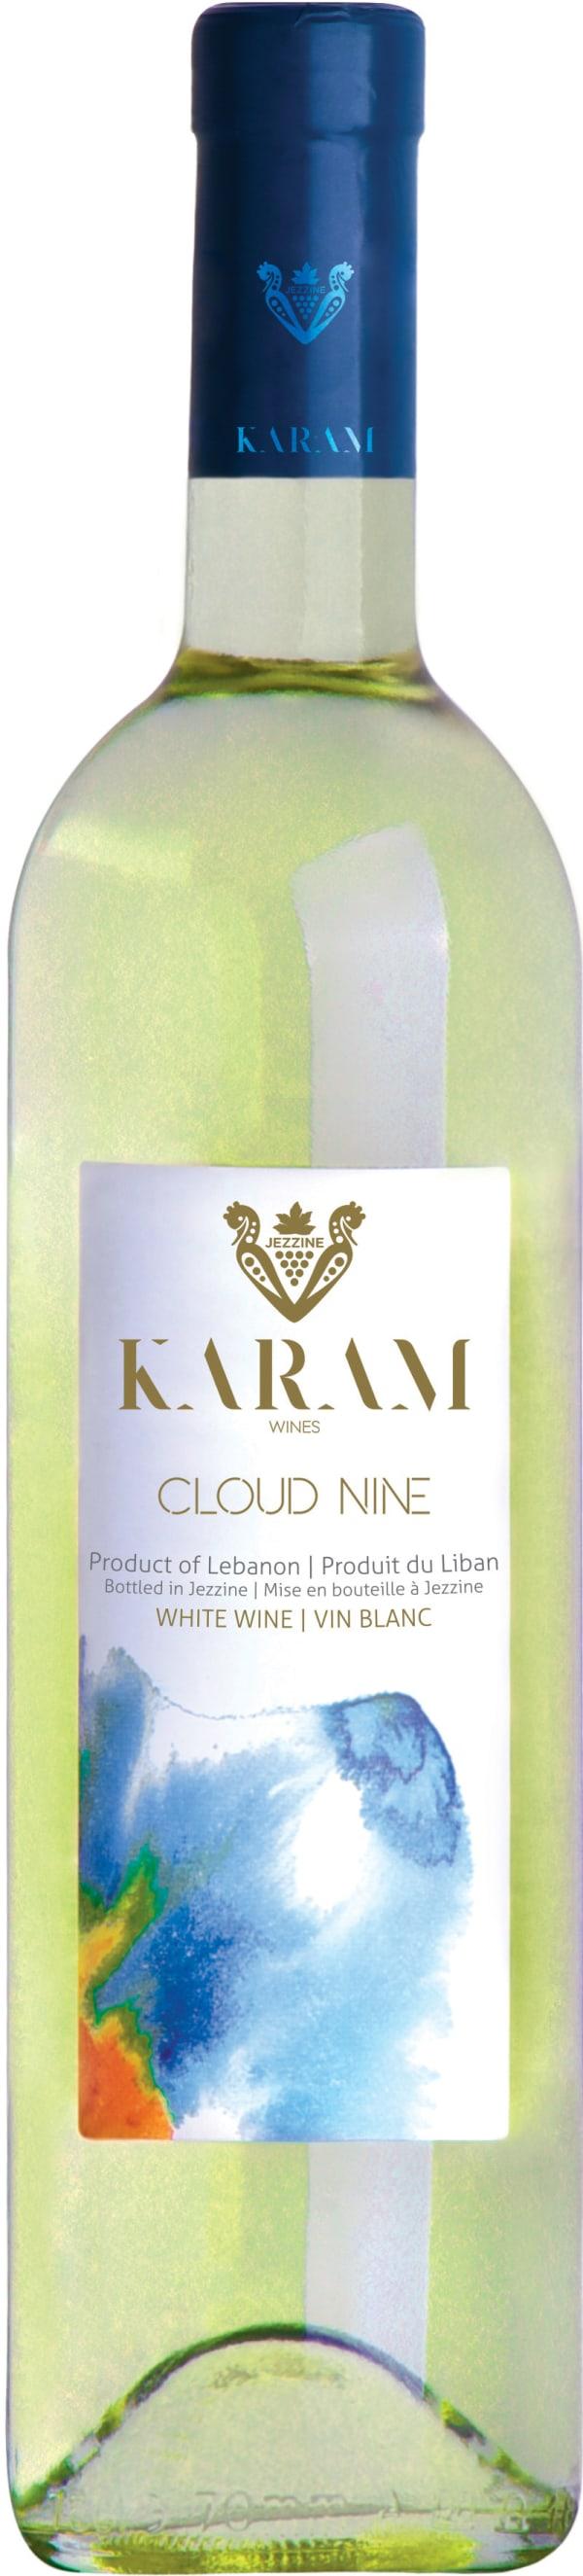 Karam Cloud Nine 2019